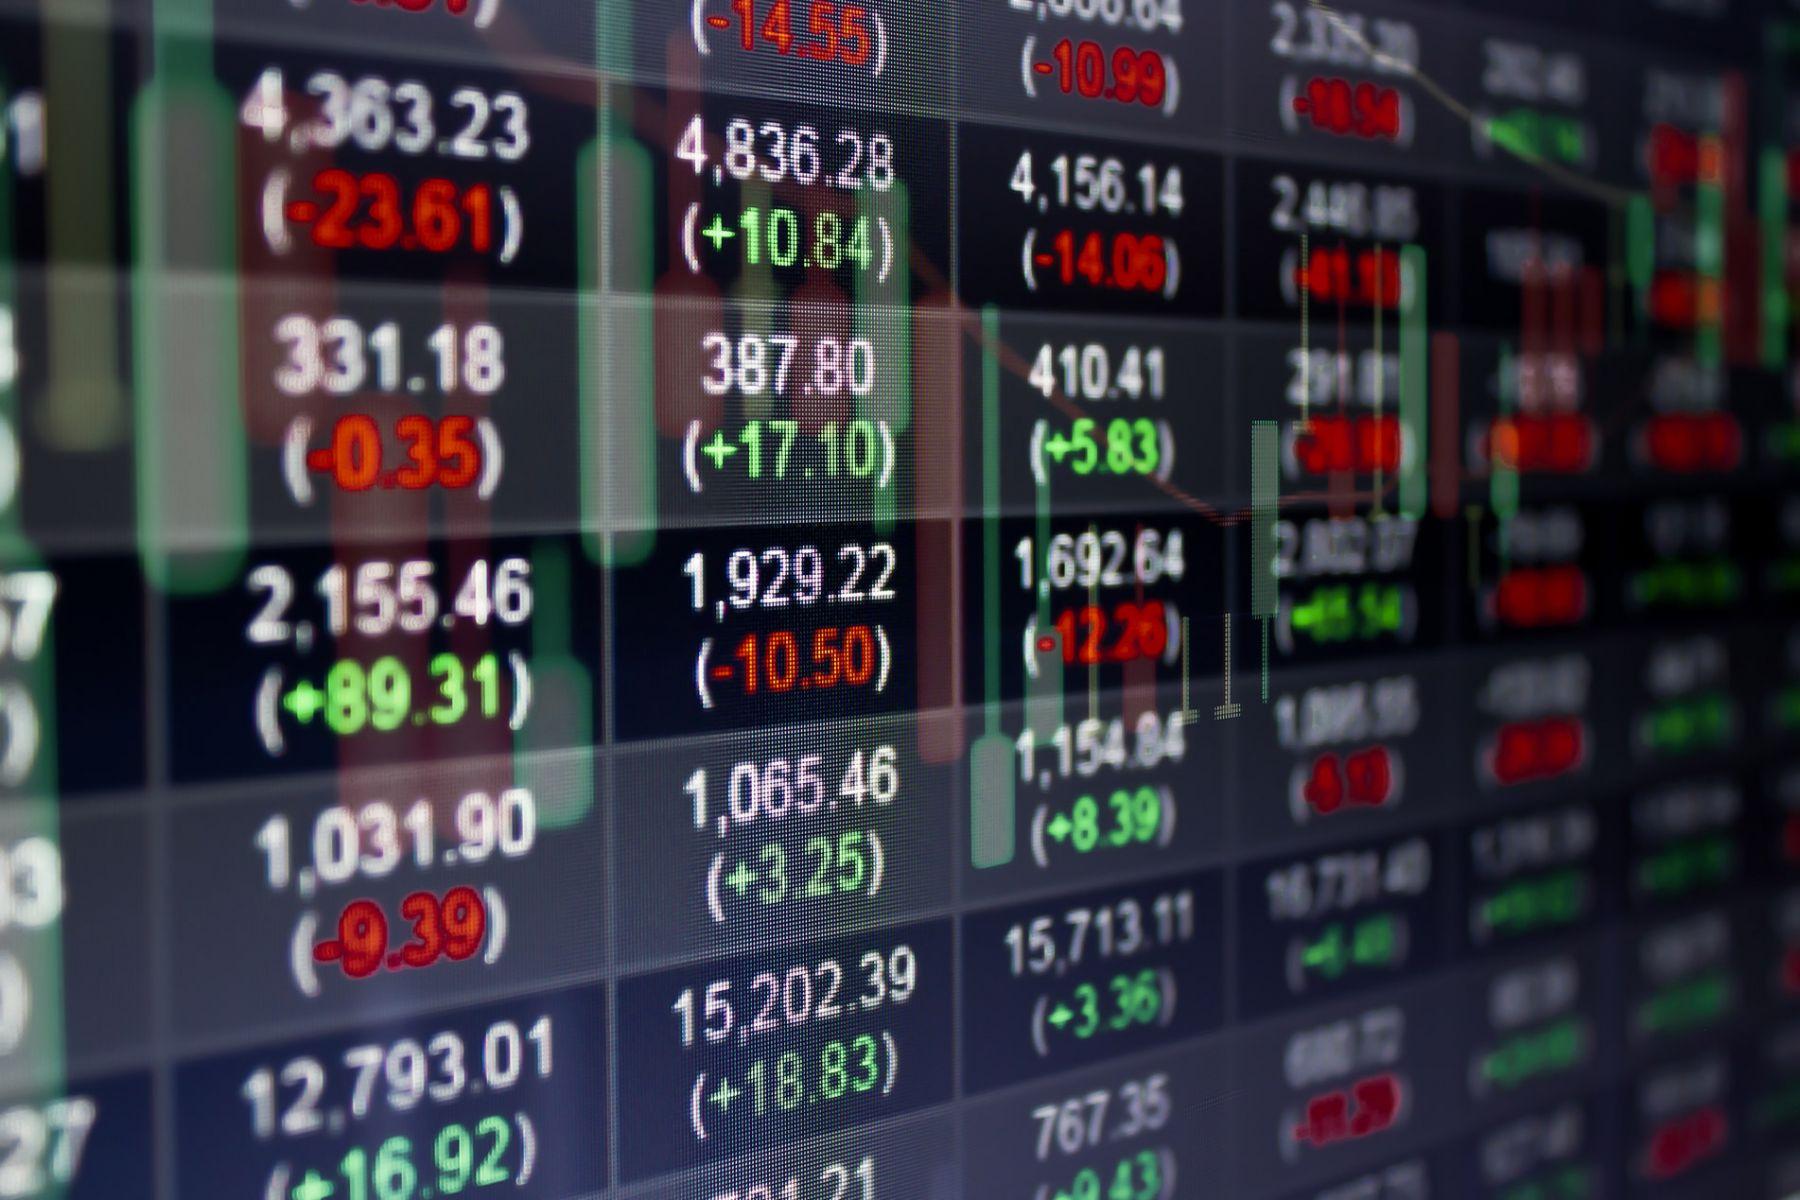 集團股價慘綠 為何大同獨翻紅?